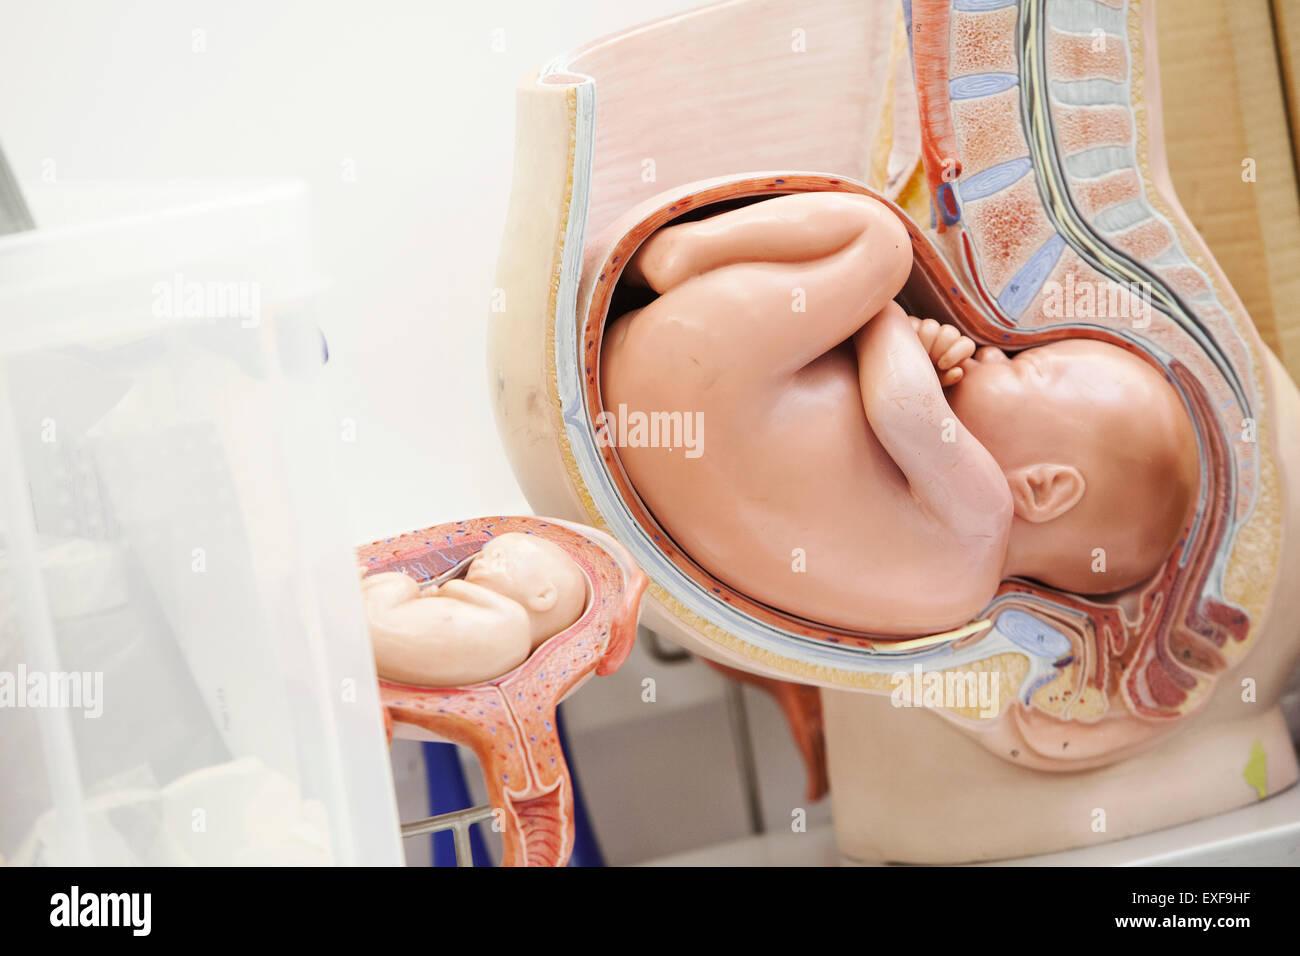 Foetus Humain modèle anatomique du foetus humain banque d'images, photo stock